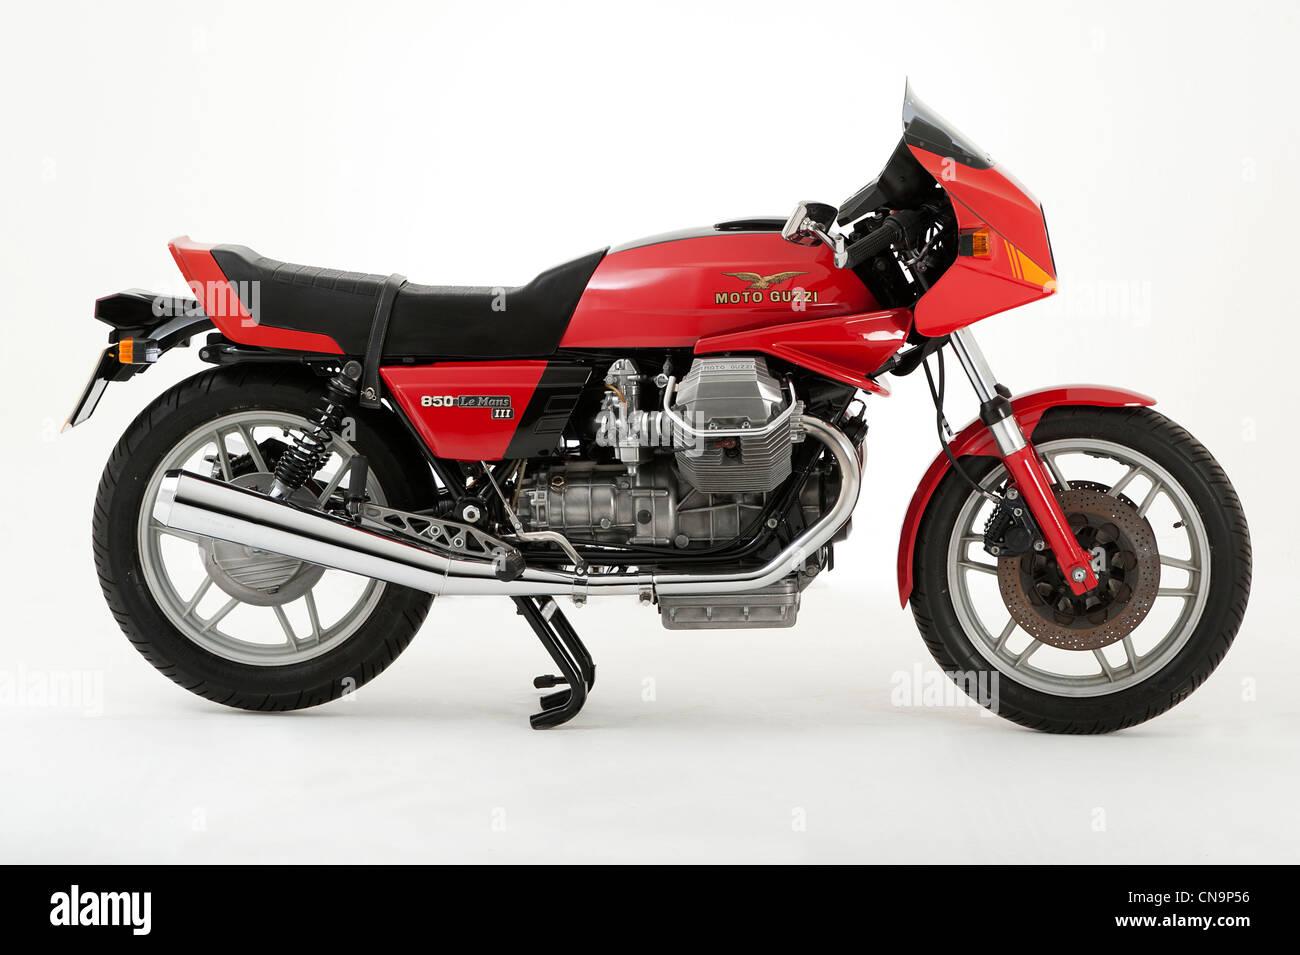 1984 Moto Guzzi 850 Le Mans motorcycle - Stock Image